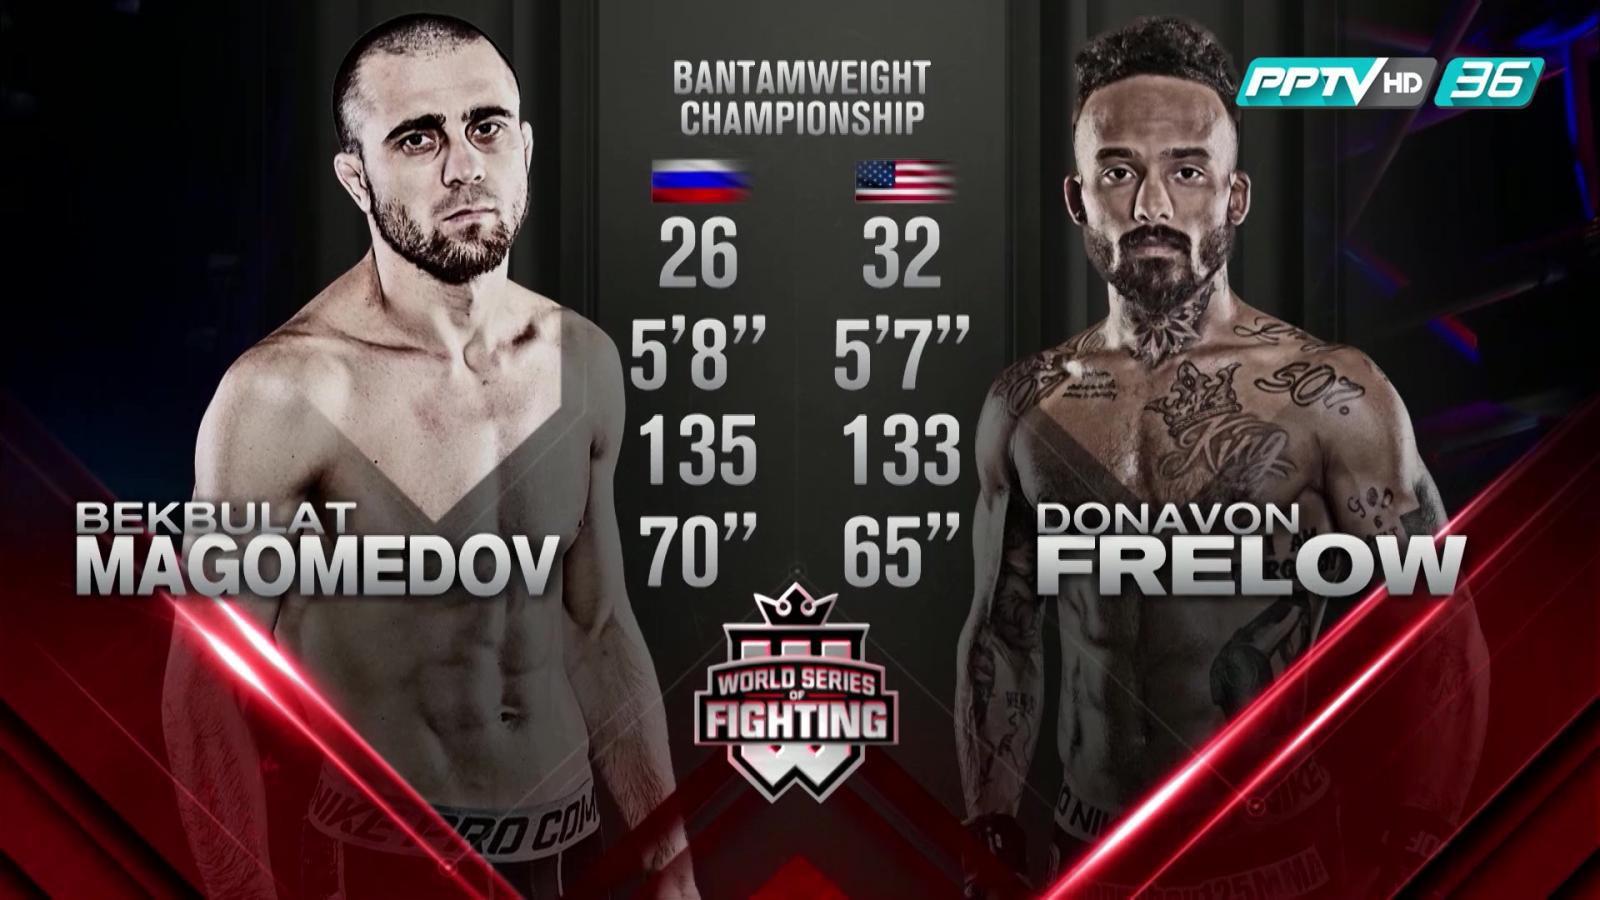 รัสเซียเฉียบกว่า!เมโกเมดอฟ ชนะคะแนน เฟรโลว์ ศึก World Series of Fighting สหรัฐอเมริกา - PPTV FIGHT CLUB